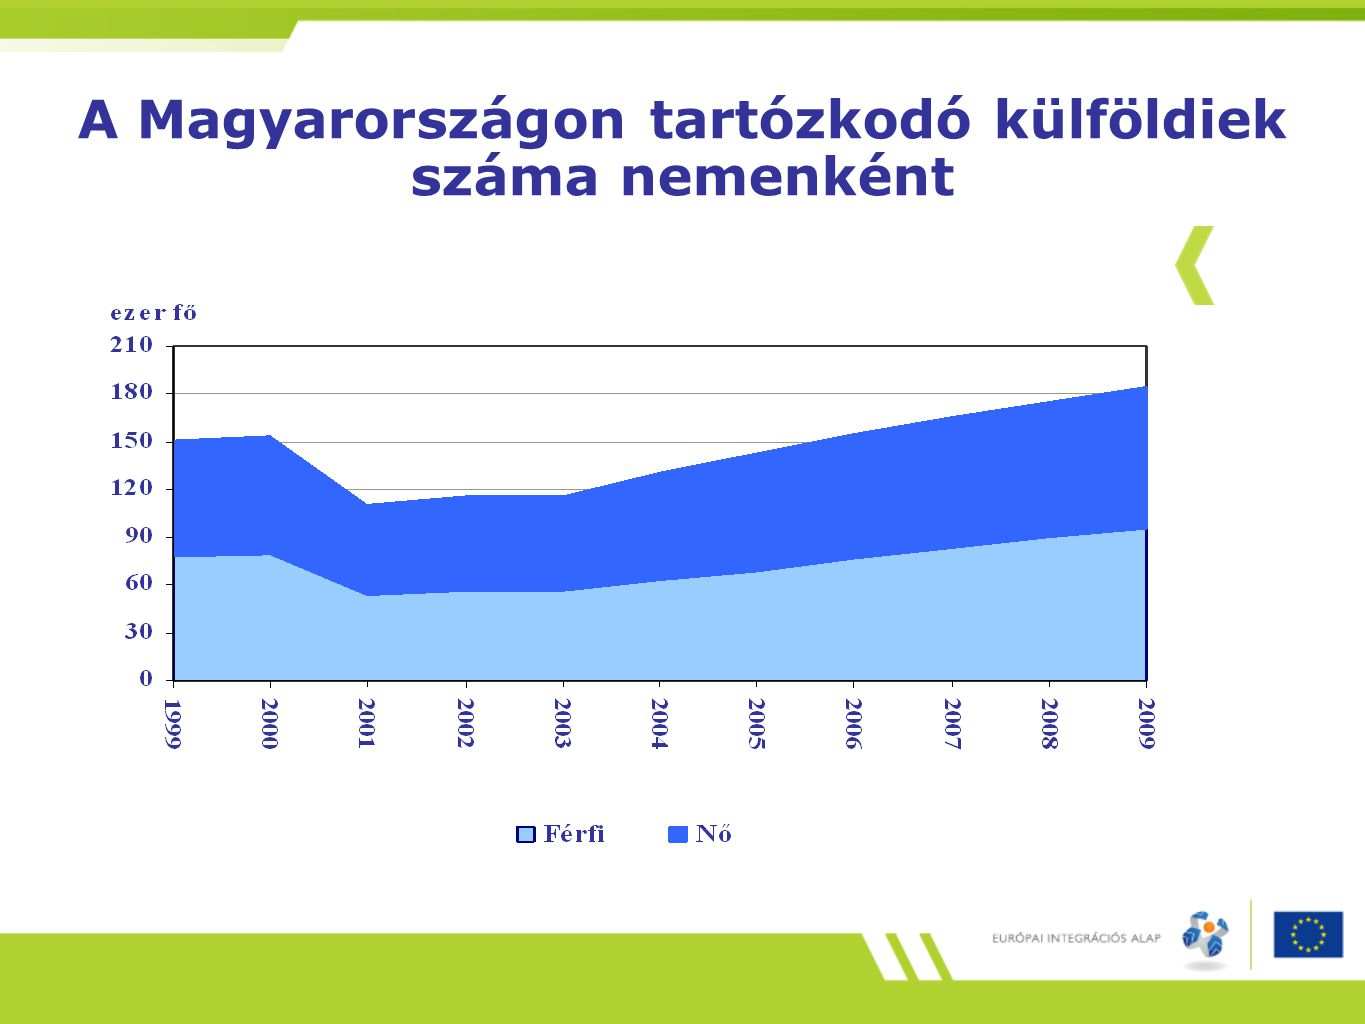 A Magyarországon tartózkodó külföldiek megoszlása földrészek szerint, 2009. január 1.